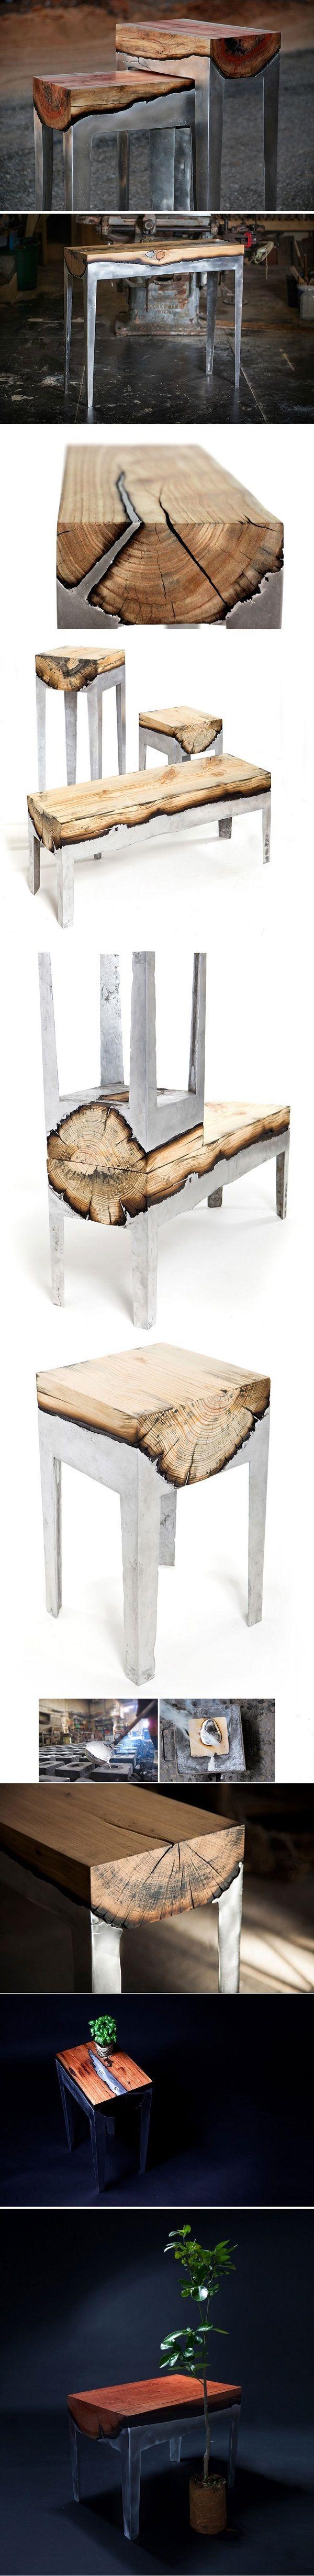 Wood And Metal Unite In Striking Furniture By Hilla Shamia emfurn.com/…